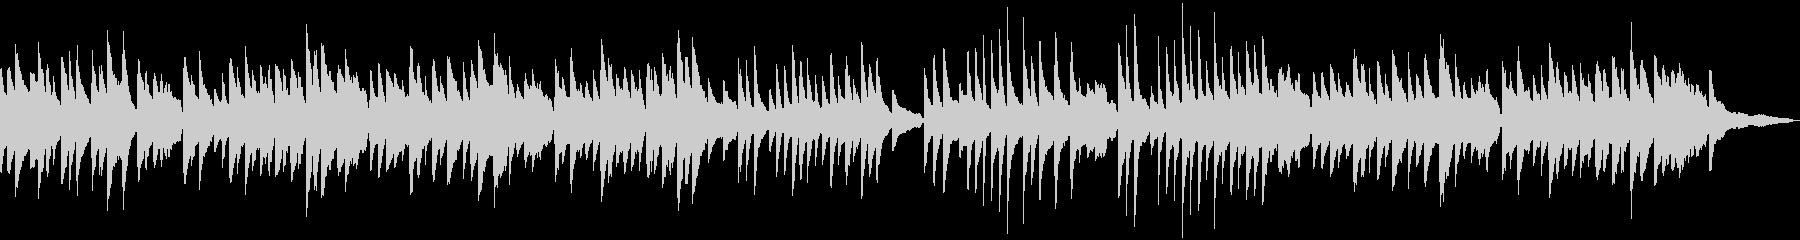 童謡「赤とんぼ」のソロピアノの未再生の波形